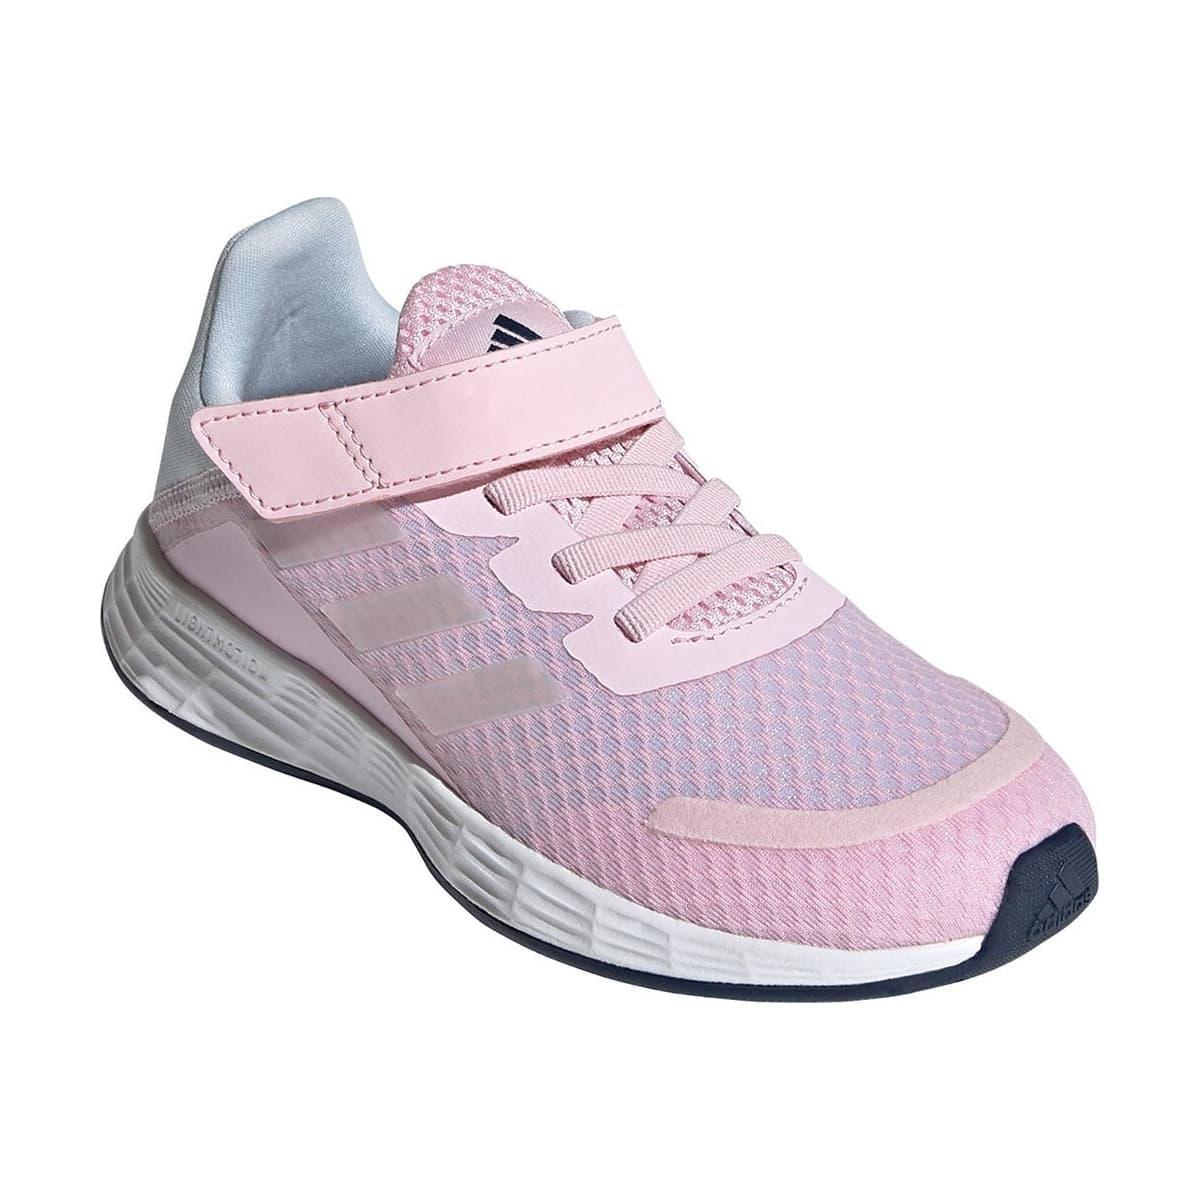 Duramo SL Çocuk Pembe Koşu Ayakkabısı (FY9169)